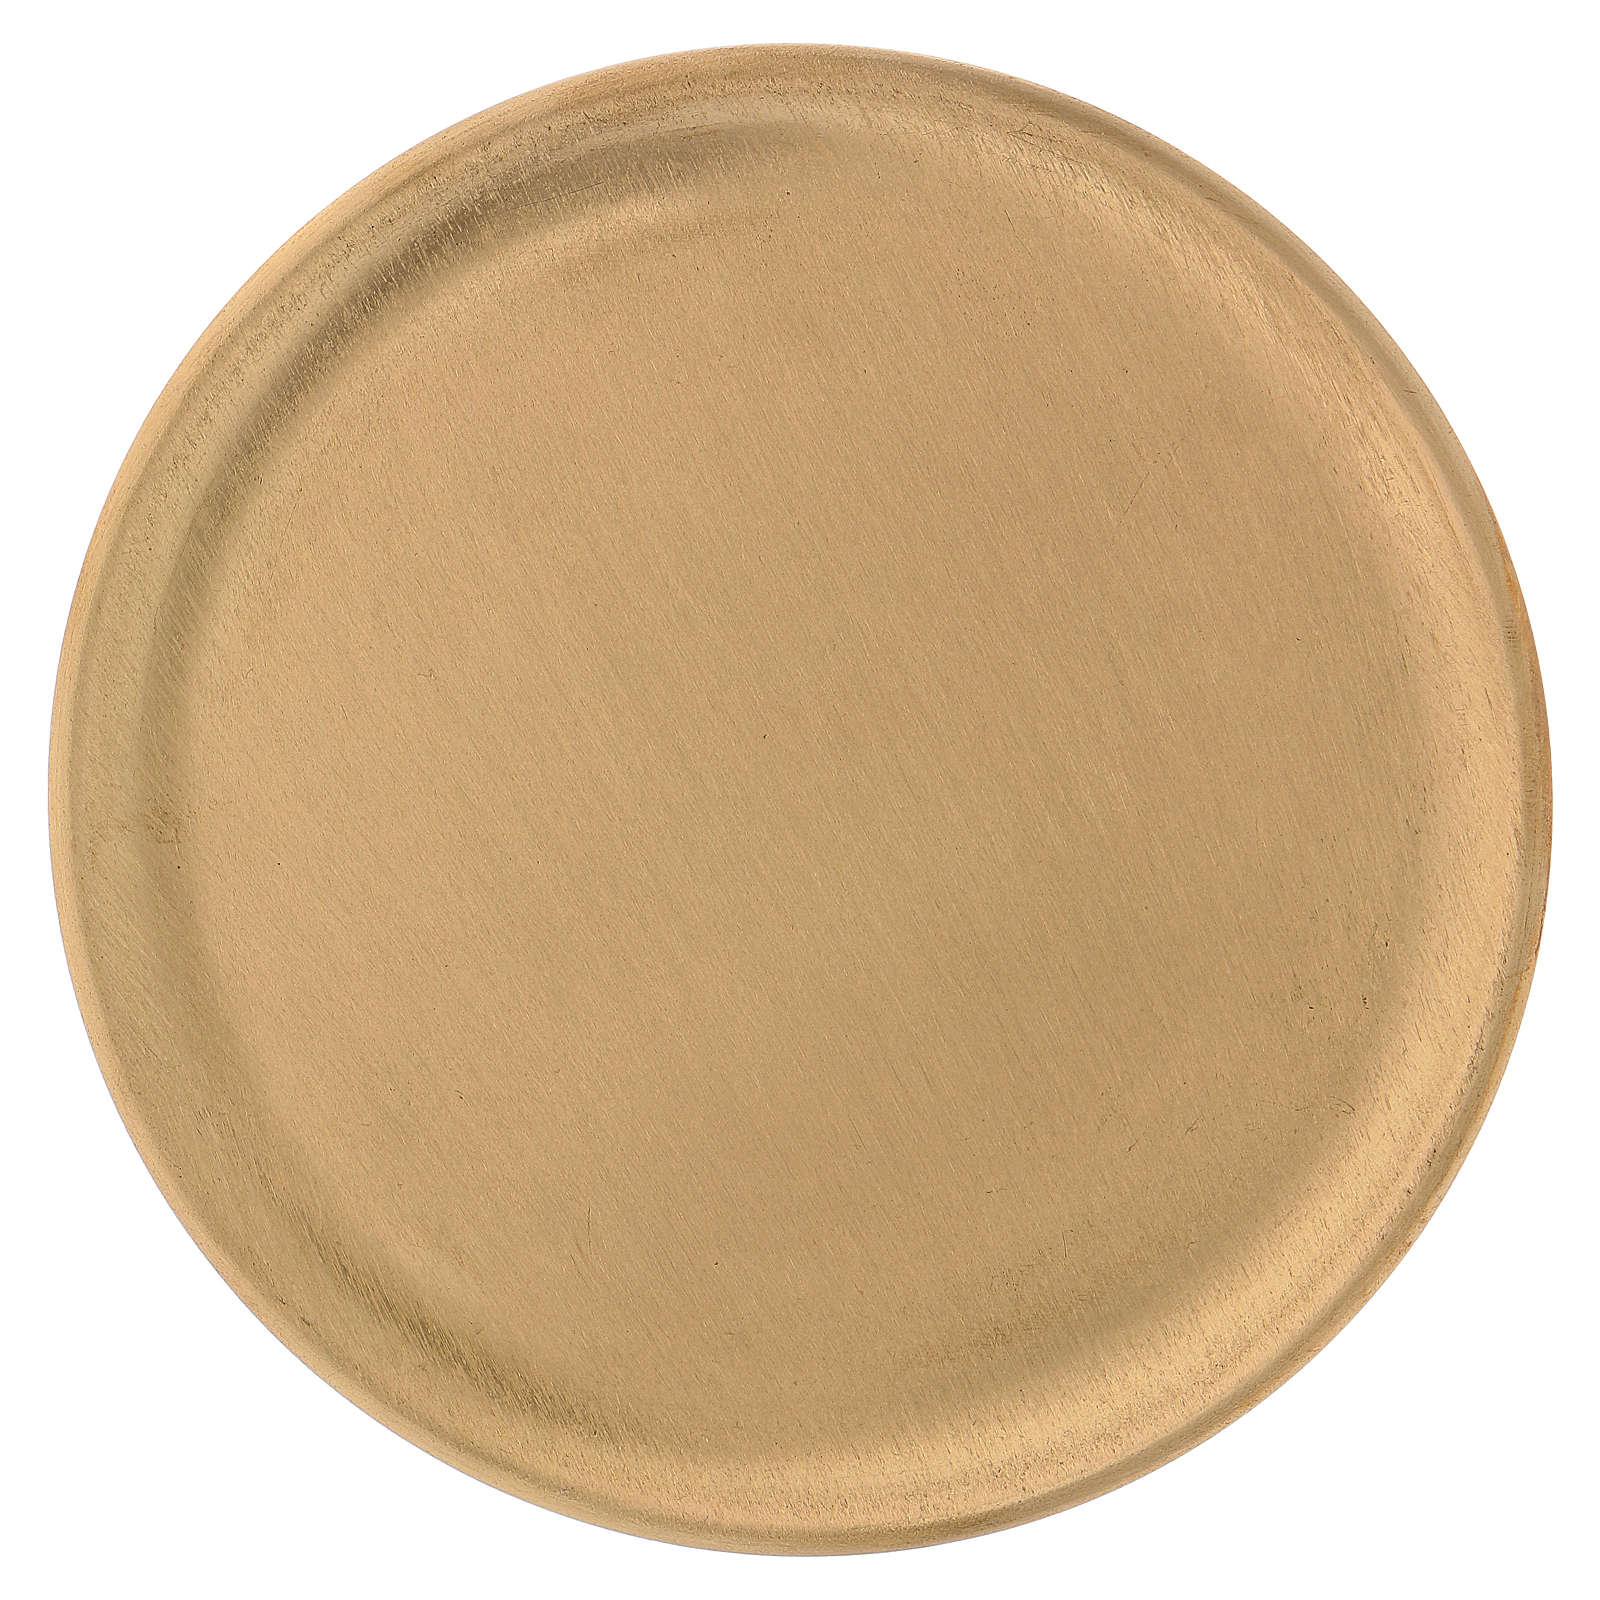 Piattino portacandele ottone satinato dorato d. 14 cm 3